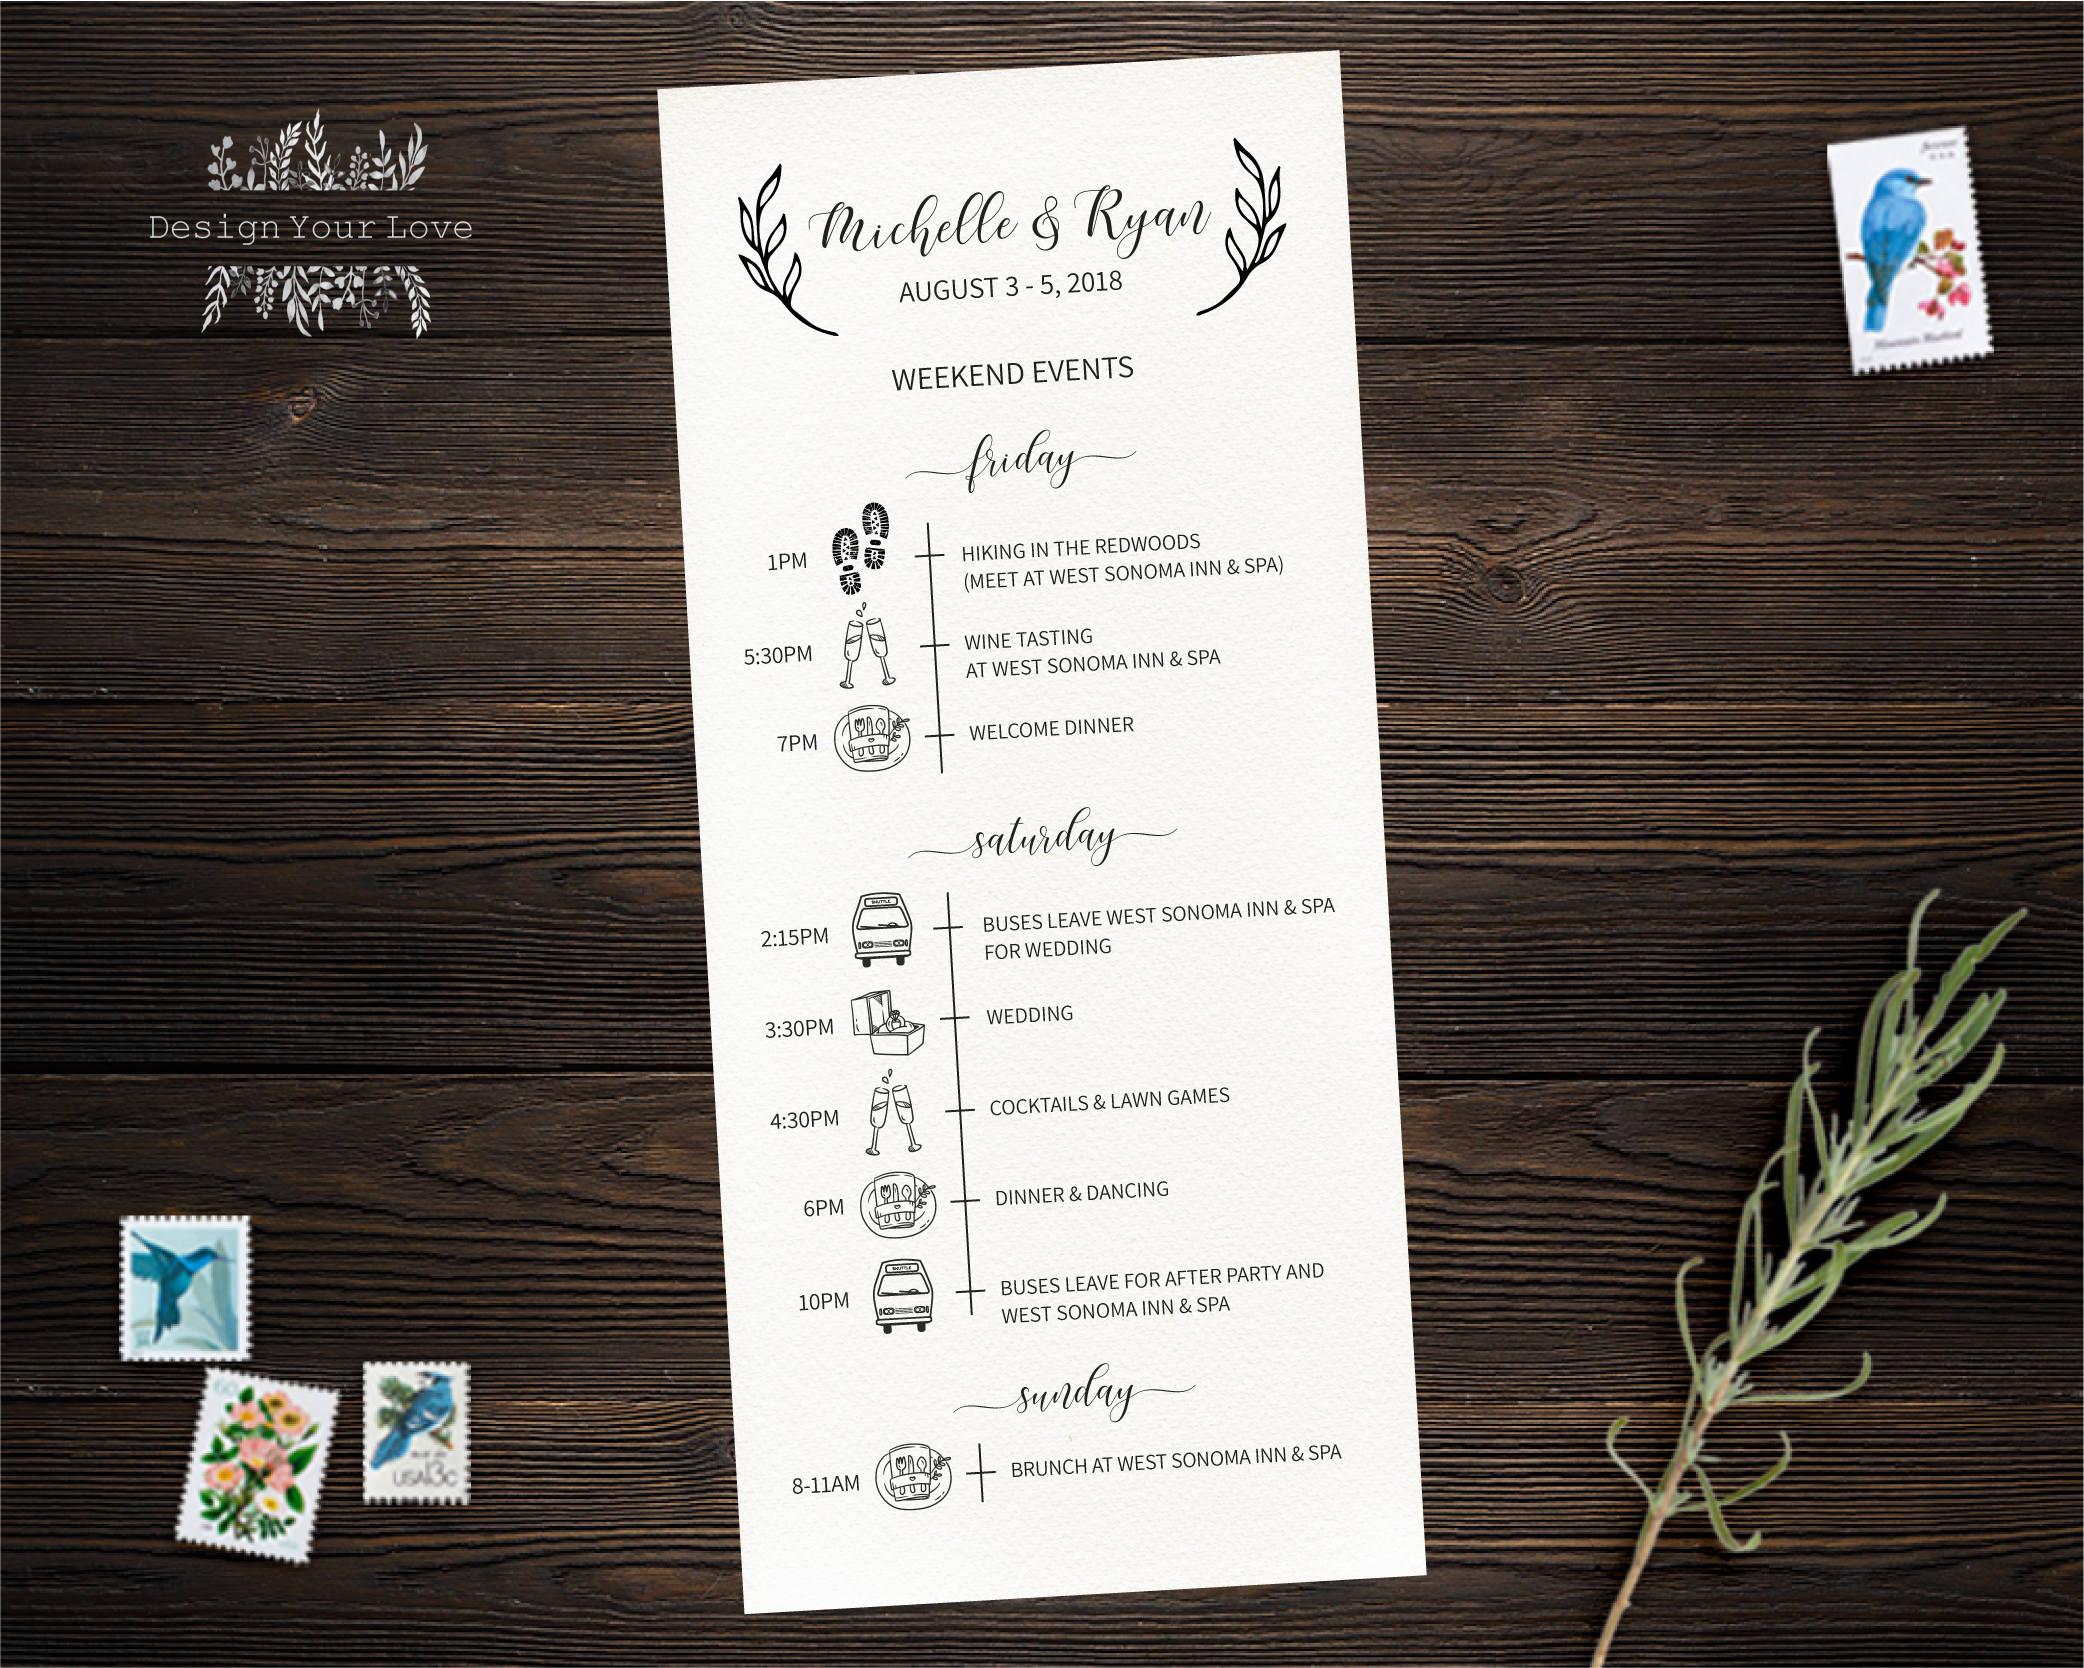 Hochzeit am Wochenende Timeline Karte druckbare Hochzeit